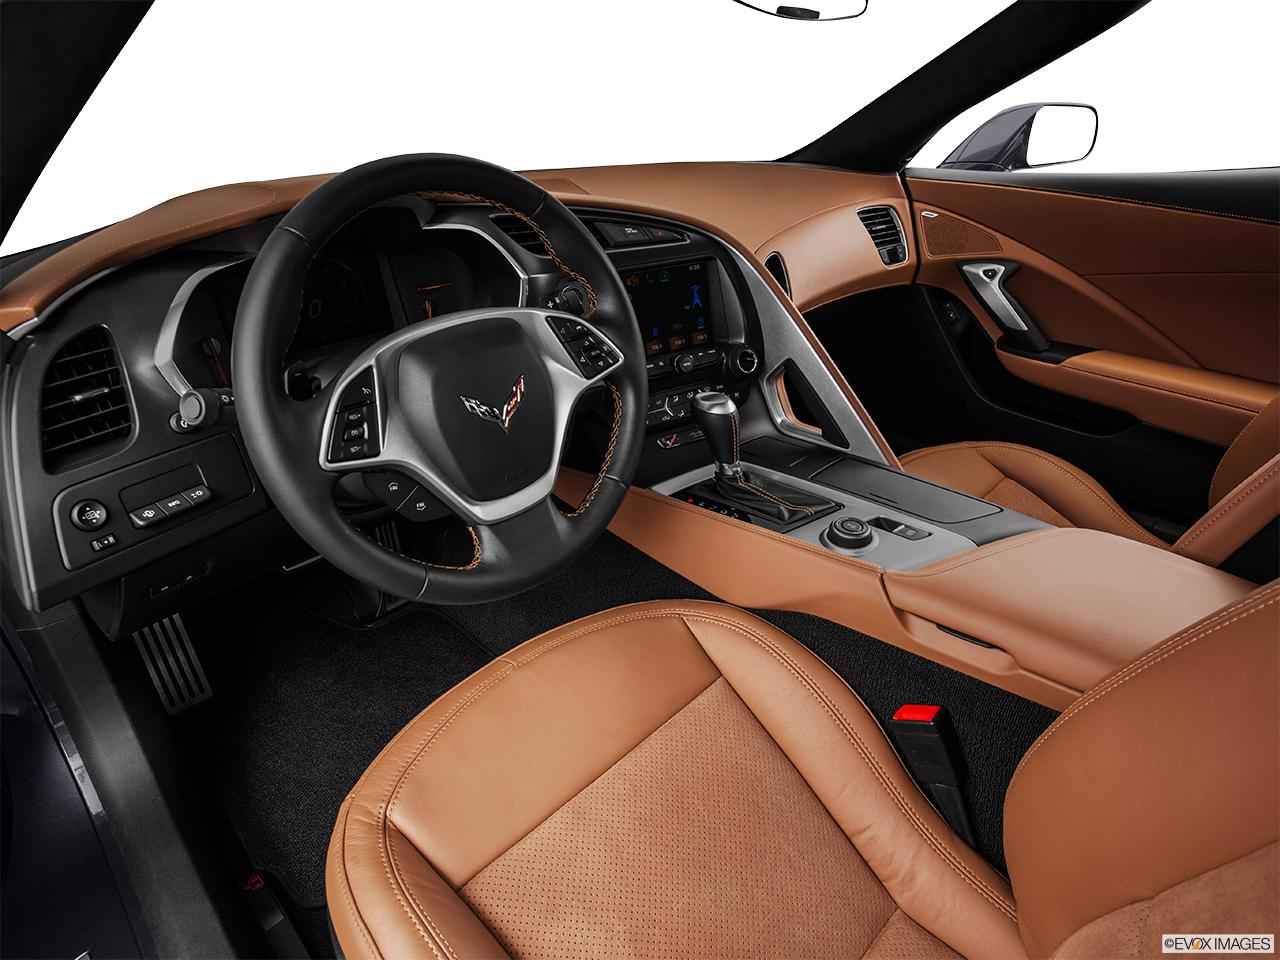 chevrolet corvette stingray 2015 interior. 2014 chevrolet corvette stingray 2dr z51 coupe w2lt interior hero driveru0027s side 2015